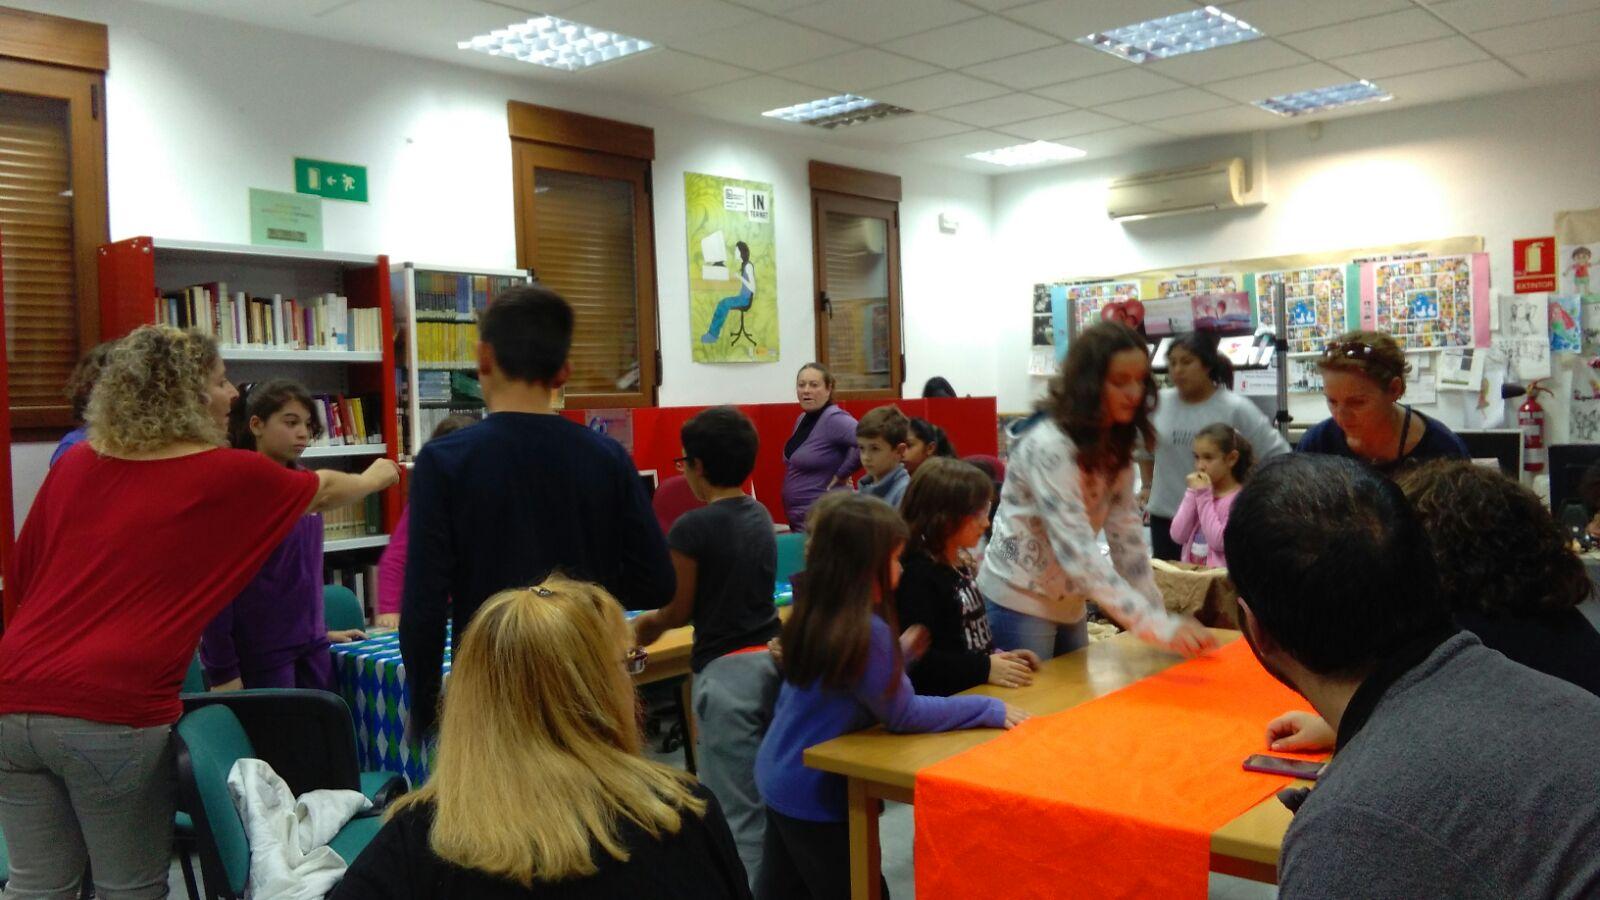 Actividad por el día de la biblioteca en el interior de la biblioteca